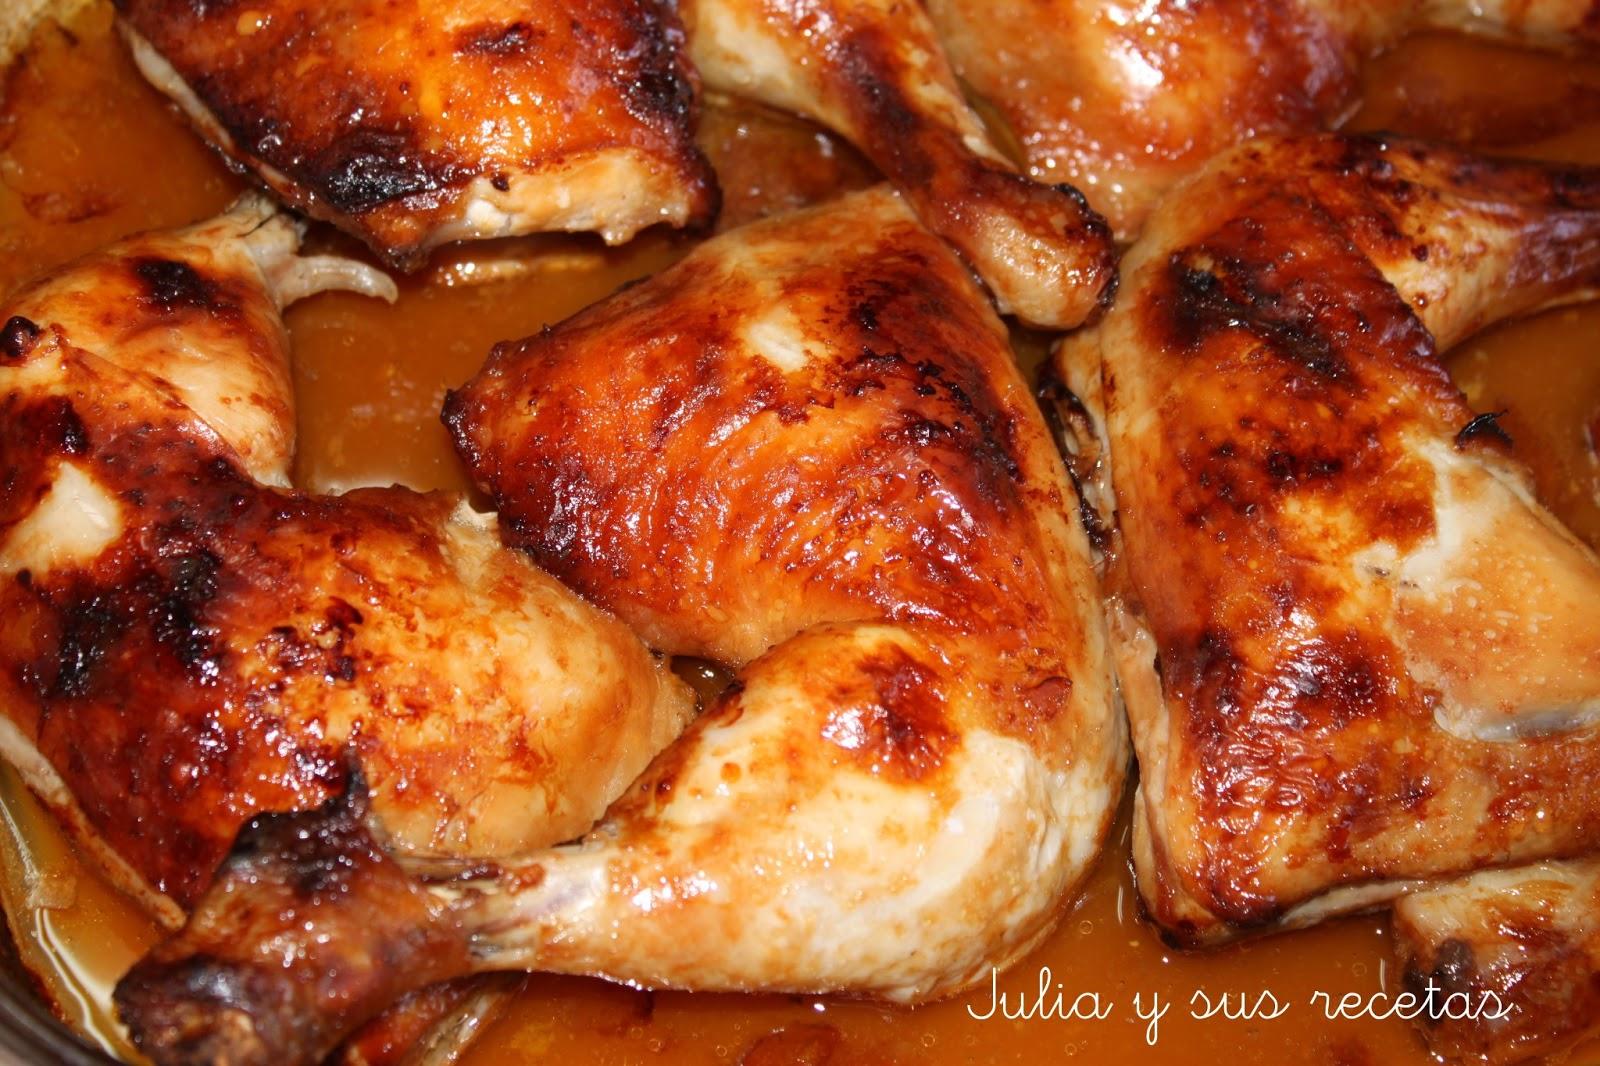 Julia y sus recetas muslos de pollo en salsa barbacoa for Muslos pollo en salsa